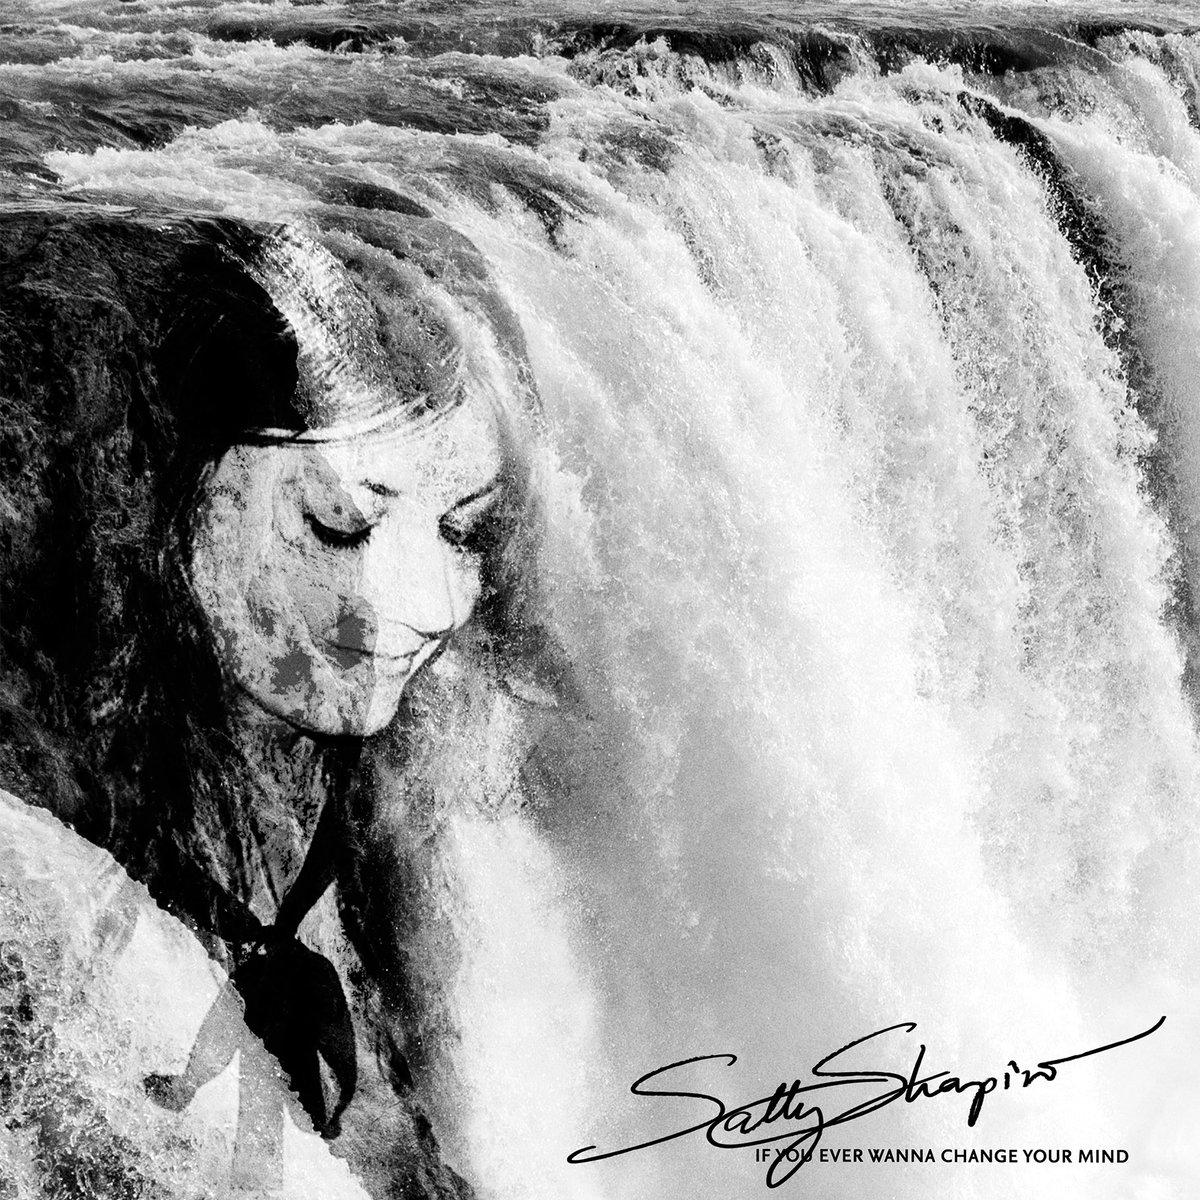 Sally-Shapiro